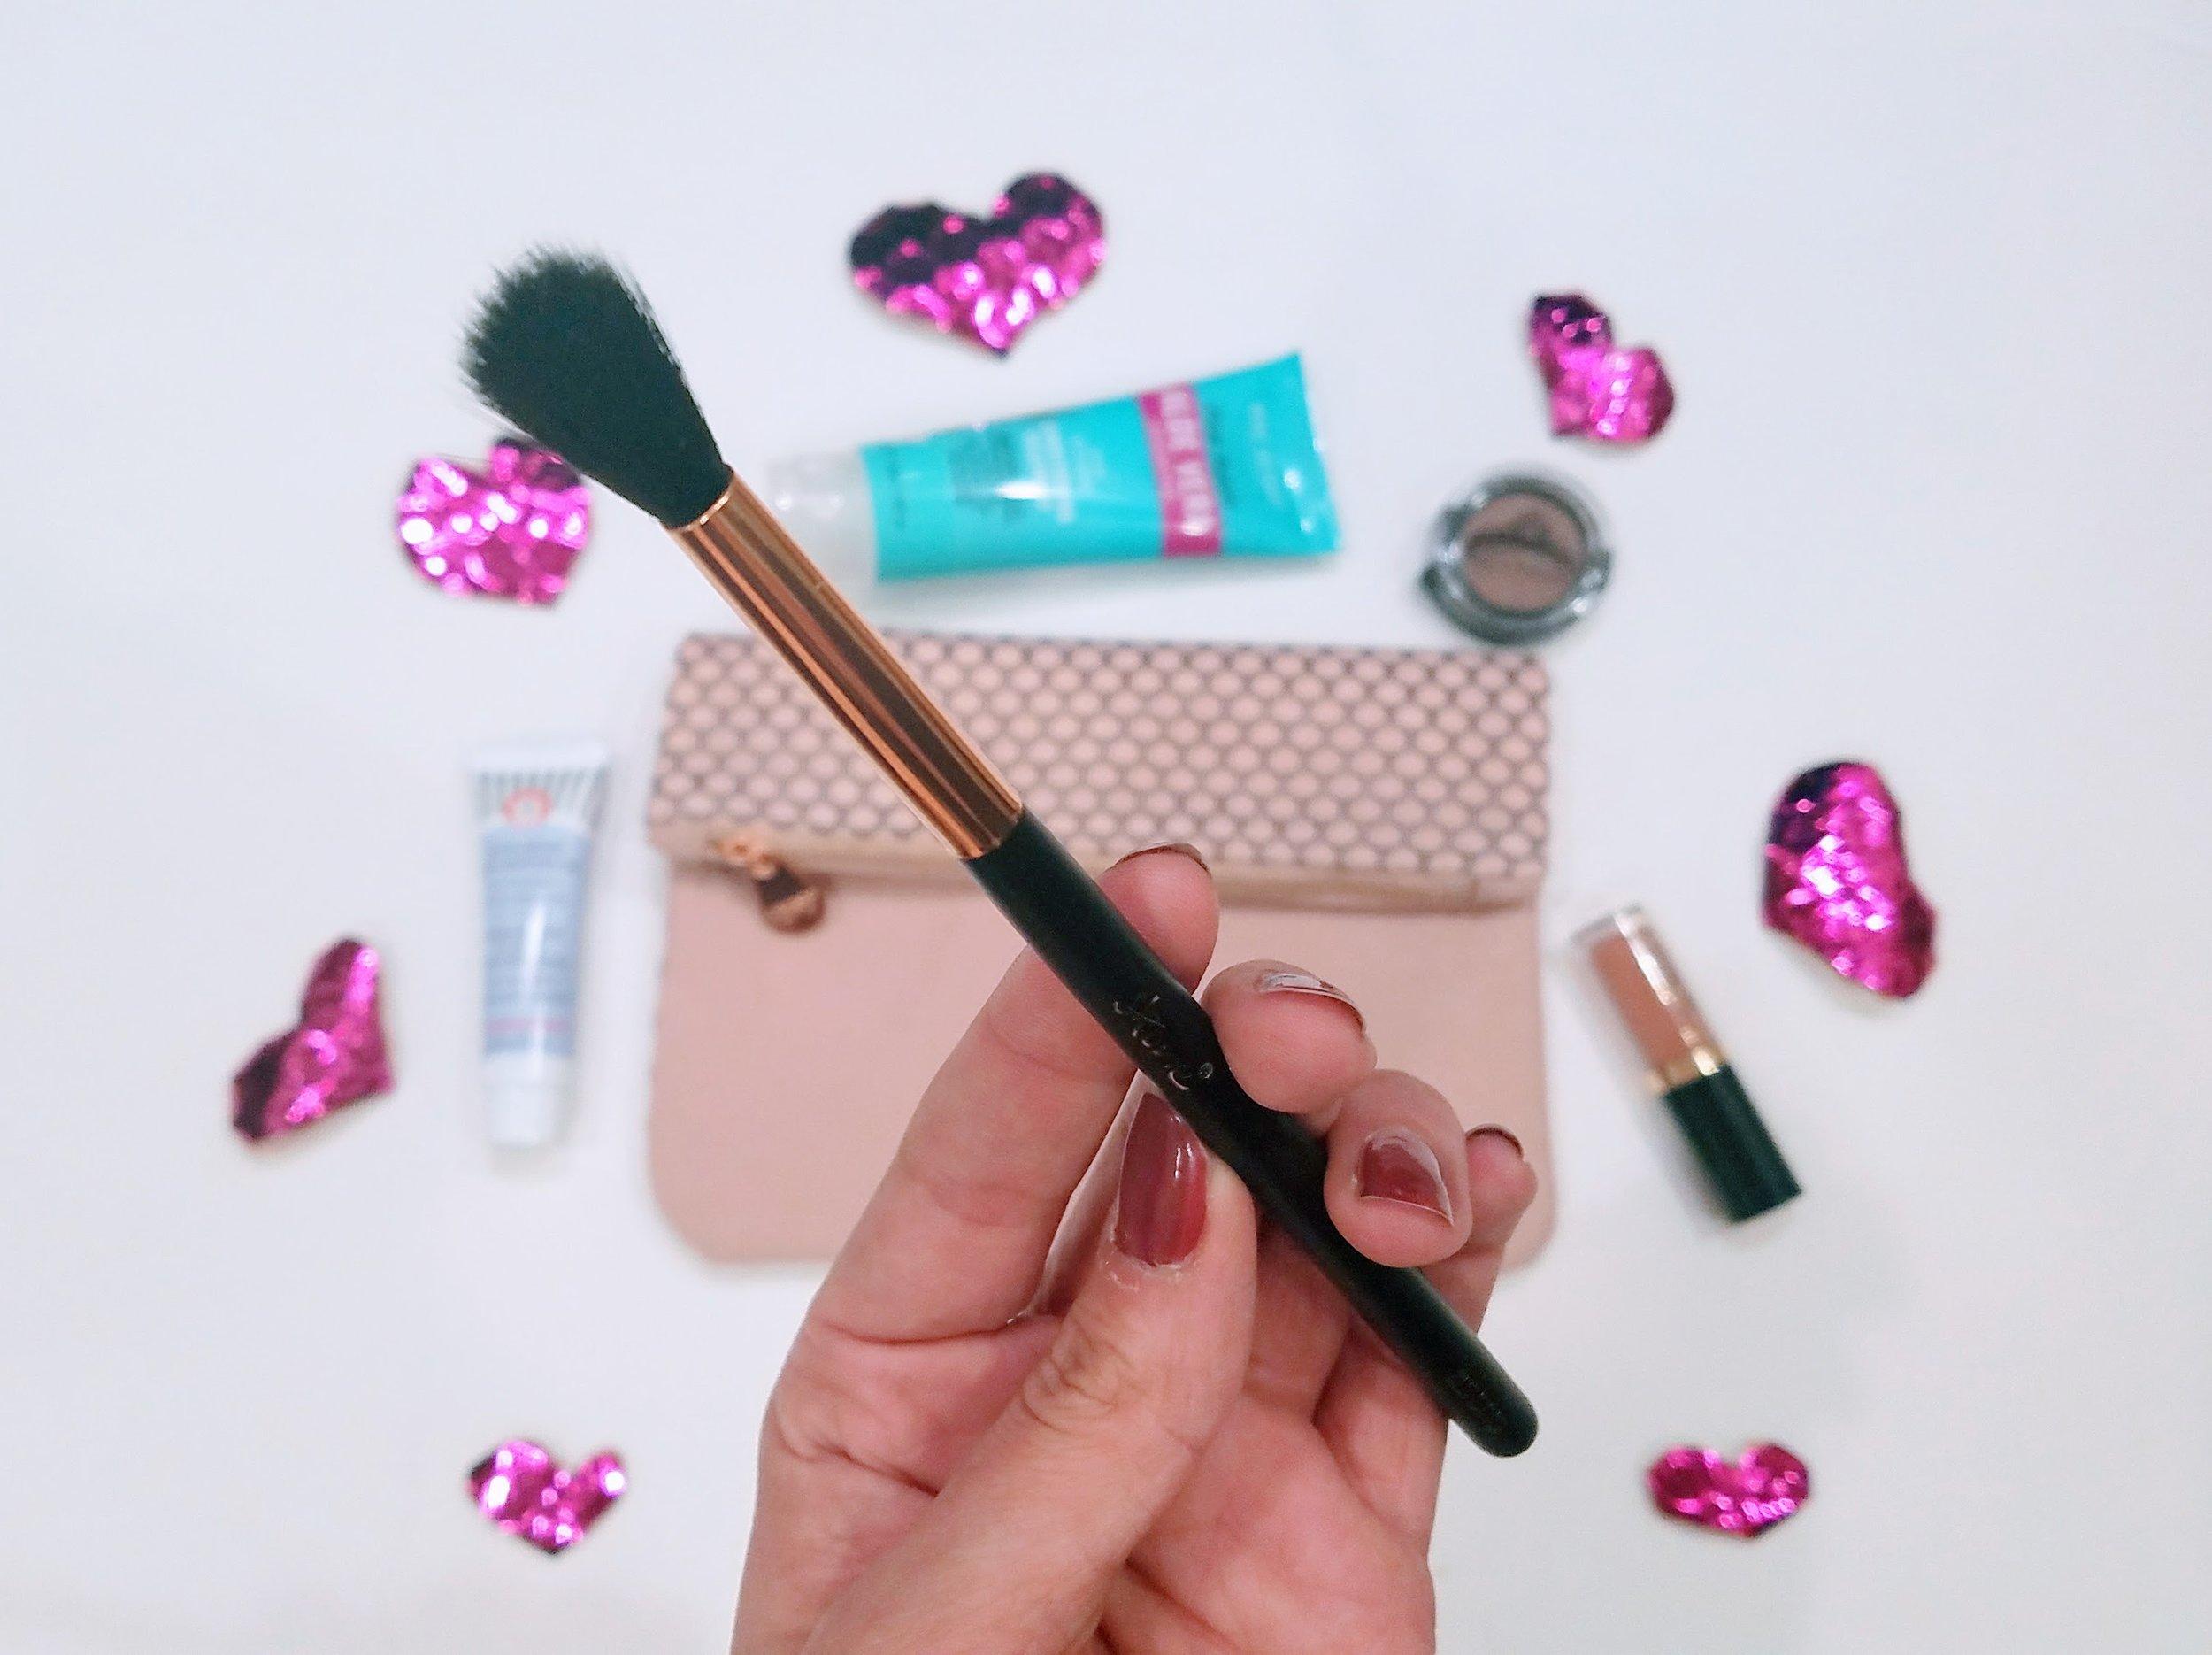 Skone Cosmetics blending brush. Ipsy Bag